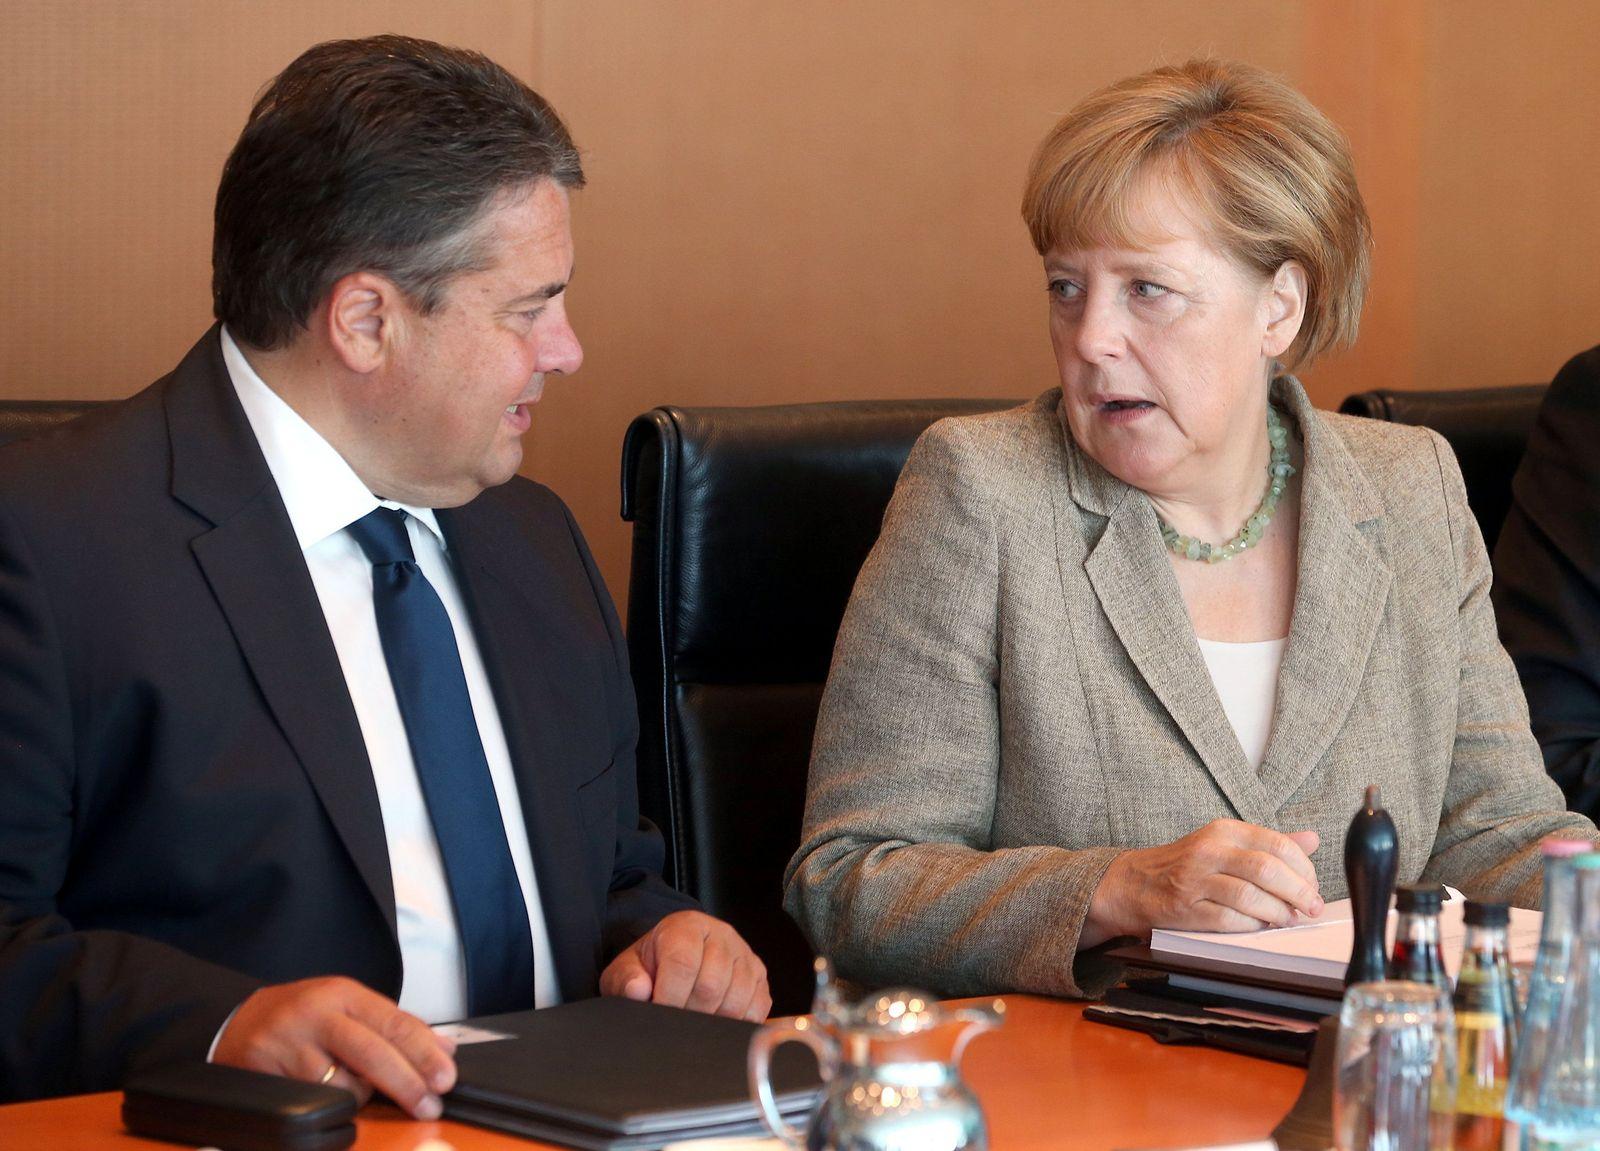 Sigmar Gabriel / Angela Merkel